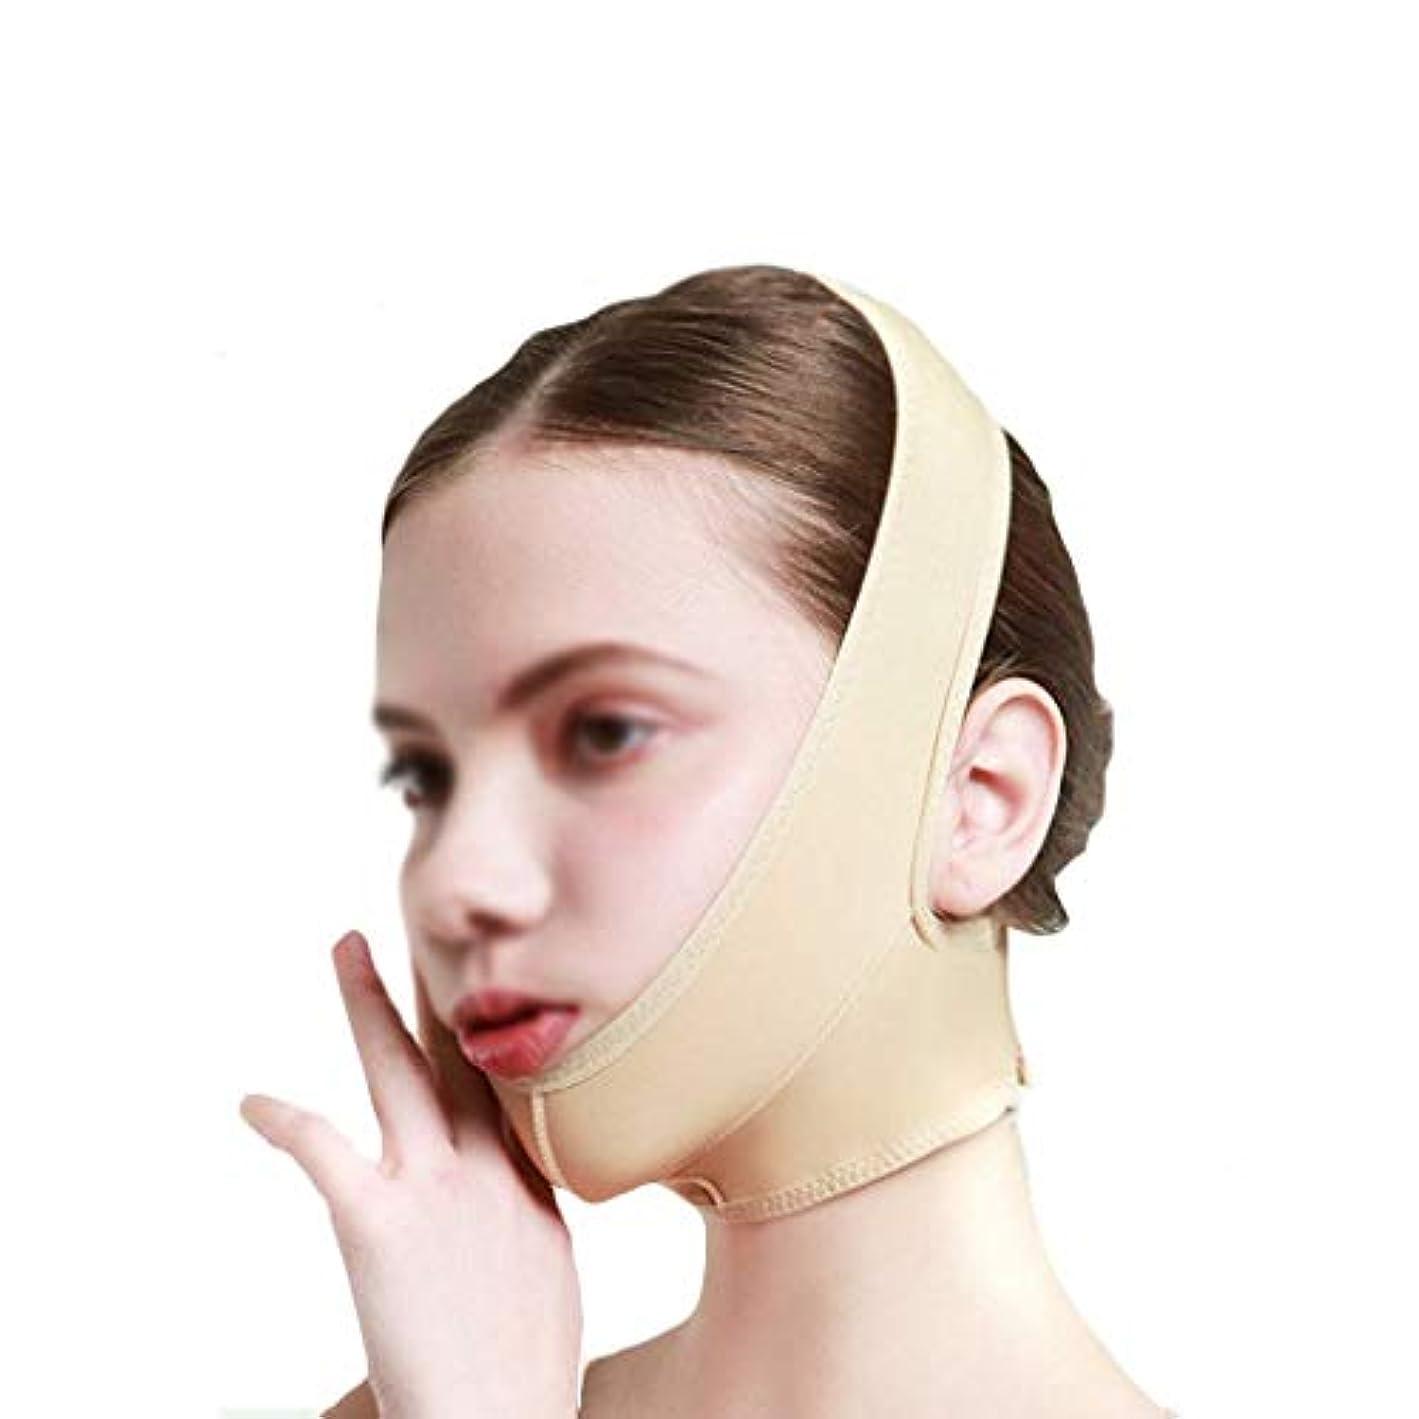 拘束寄生虫孤独なダブルチンリデューサー、フェイススリミングマスク、フェイスリフティング、ストレッチマスク、ダブルチン、浮腫緩和、ケアツール、通気性(サイズ:XL),XXL